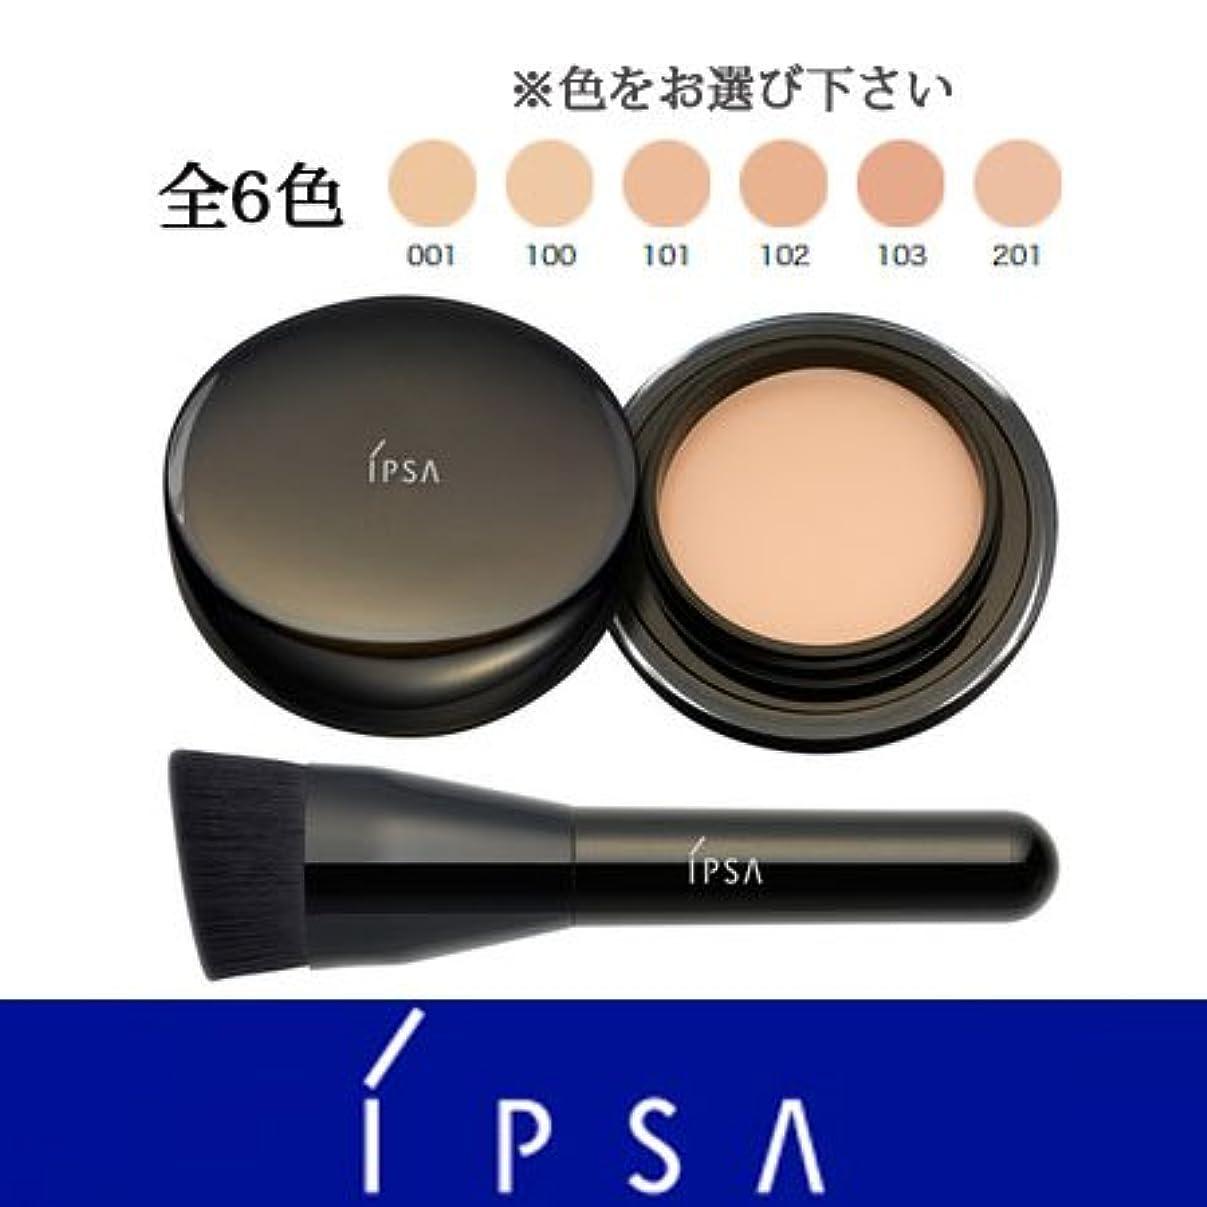 請求開梱ノーブルイプサ ファウンデイション アルティメイト 全6色 -IPSA- 102